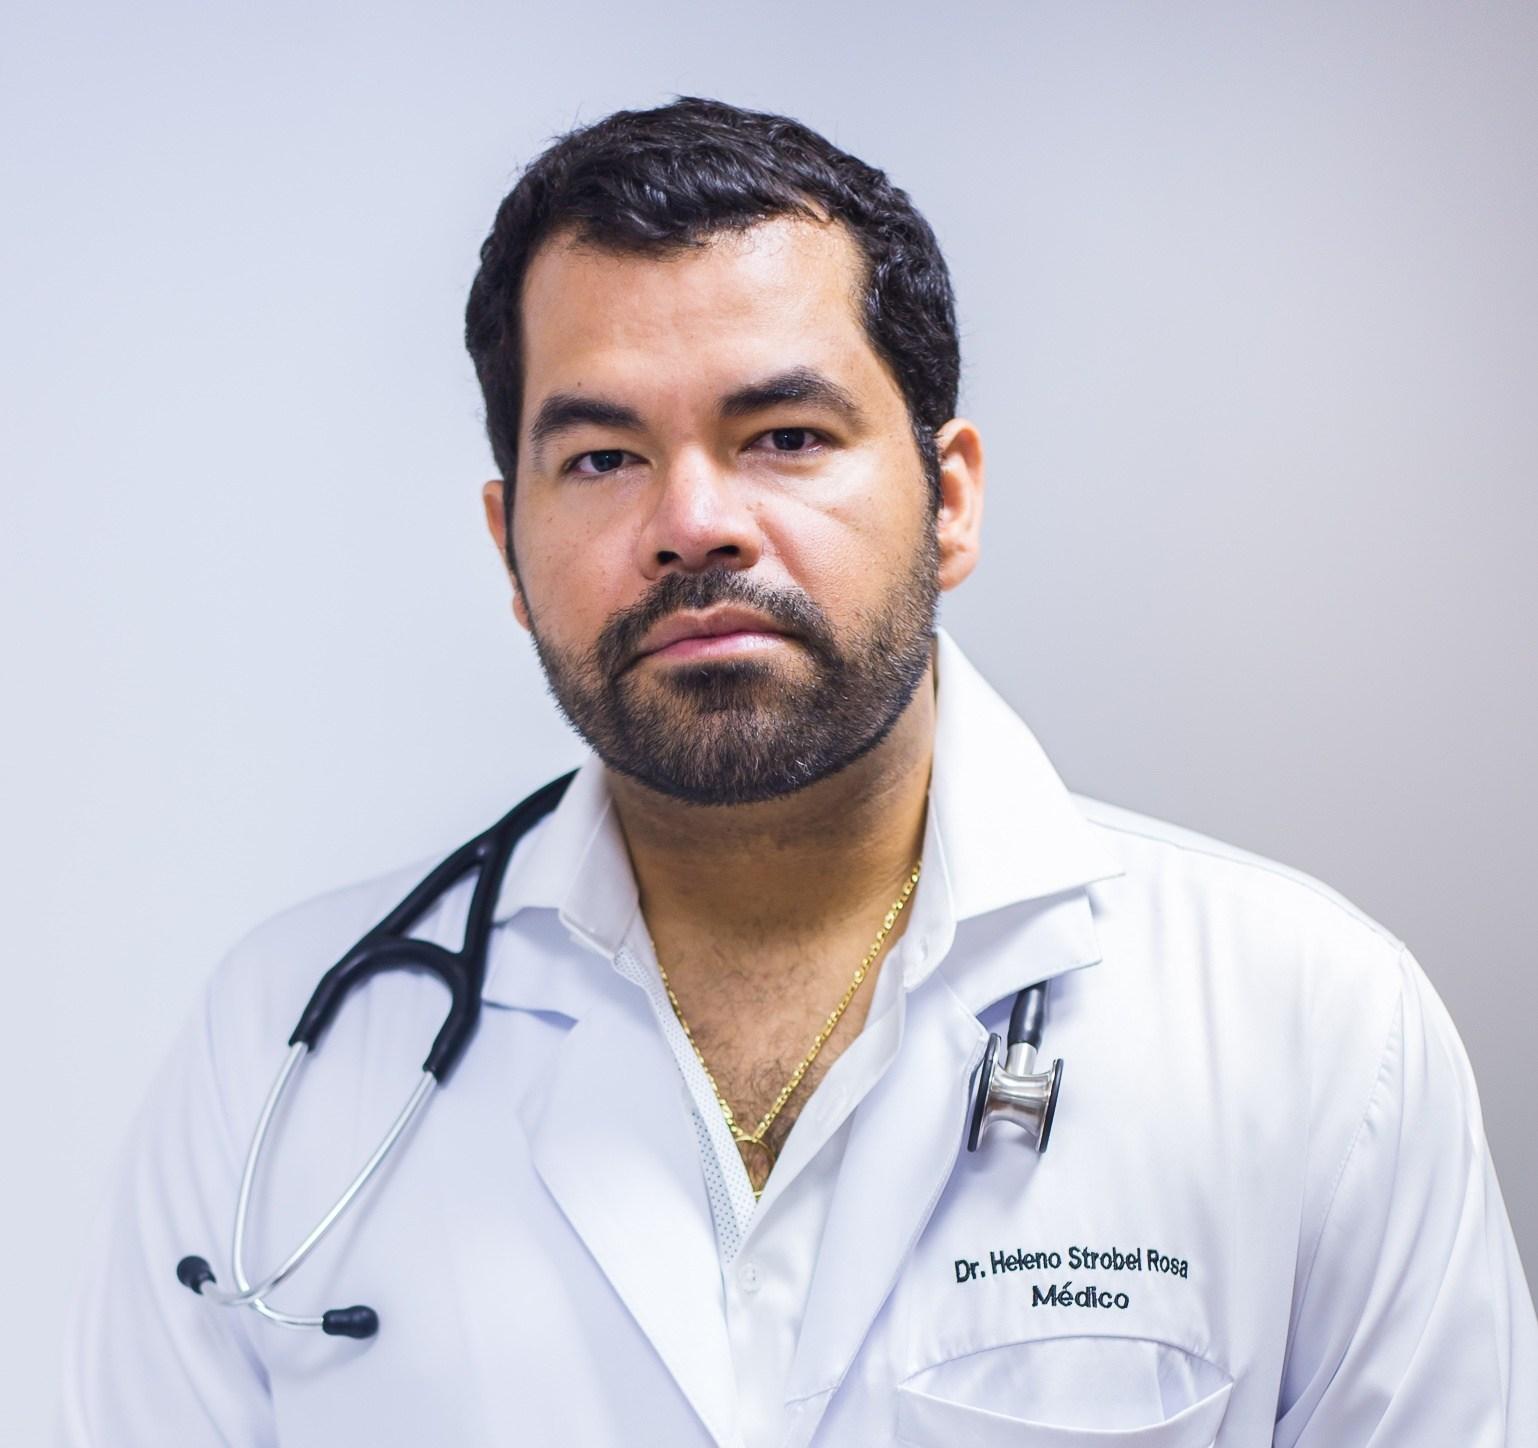 Saúde do Homem: prevenção sempre